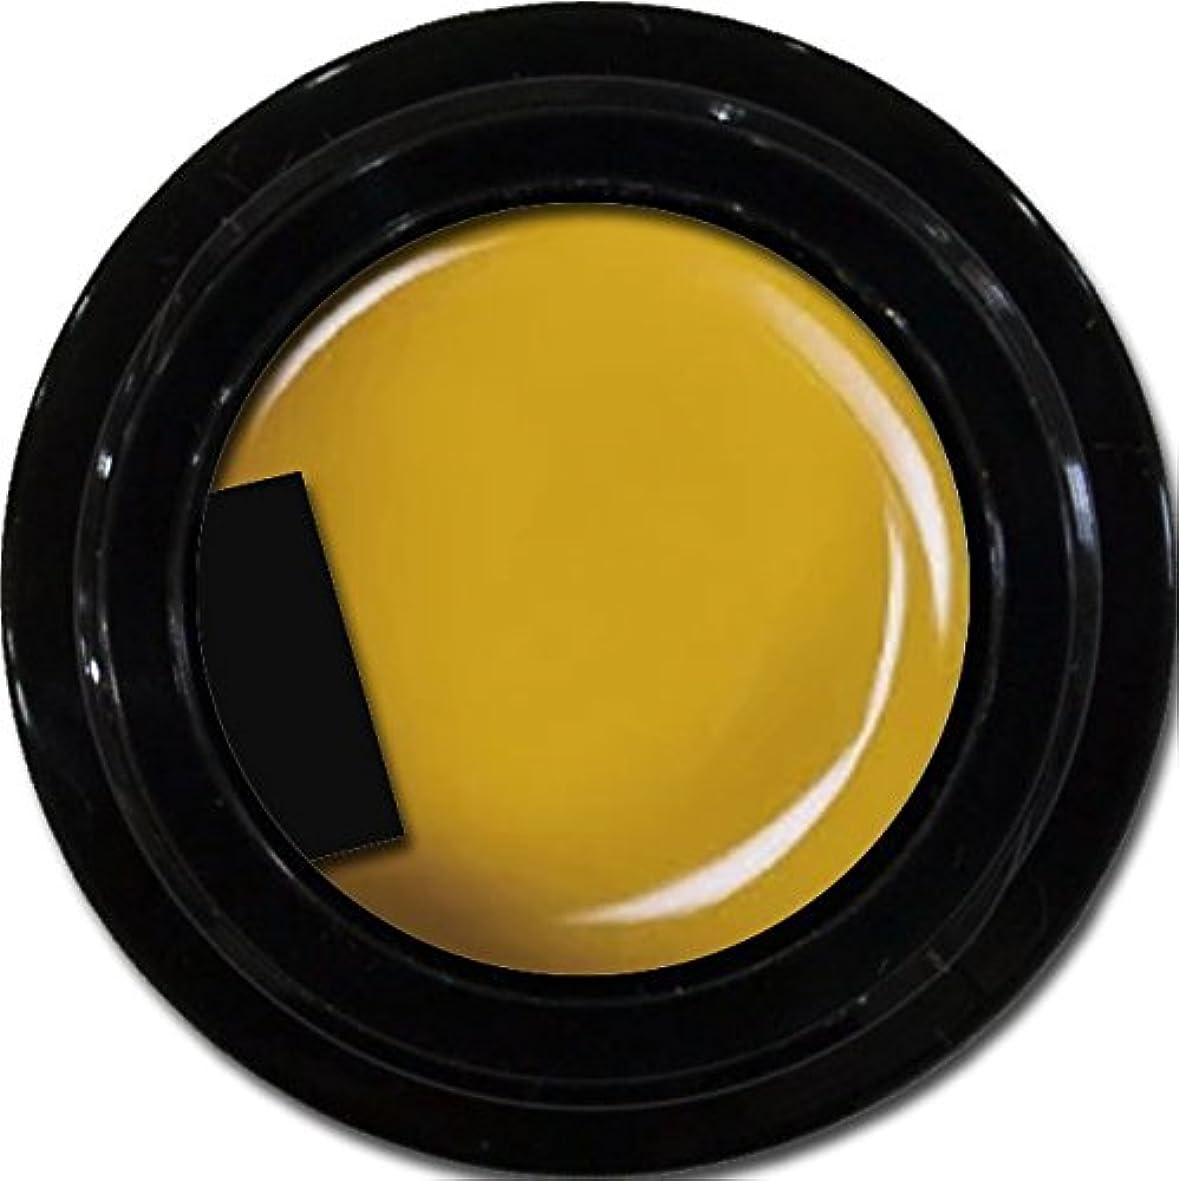 トーナメントスタッフバケットカラージェル enchant color gel M605 Cameron3g/ マットカラージェル M605キャメロン 3グラム